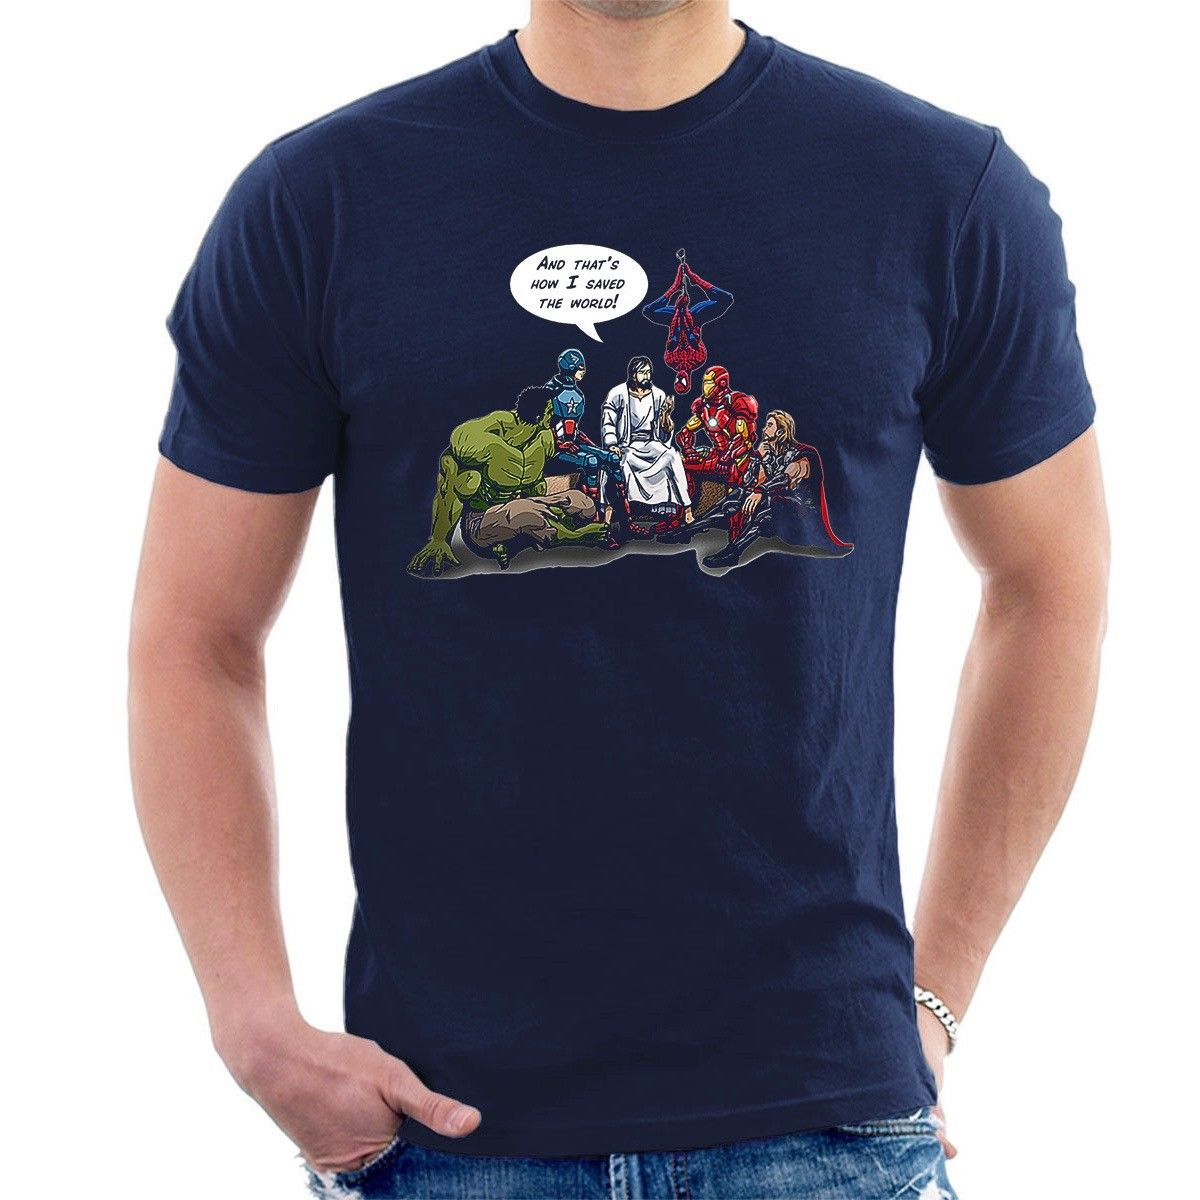 Y así es como SAVED al mundo Jesús superhéroes divertido inspirado algodón suelto para estupendas camisetas para hombres camisetas